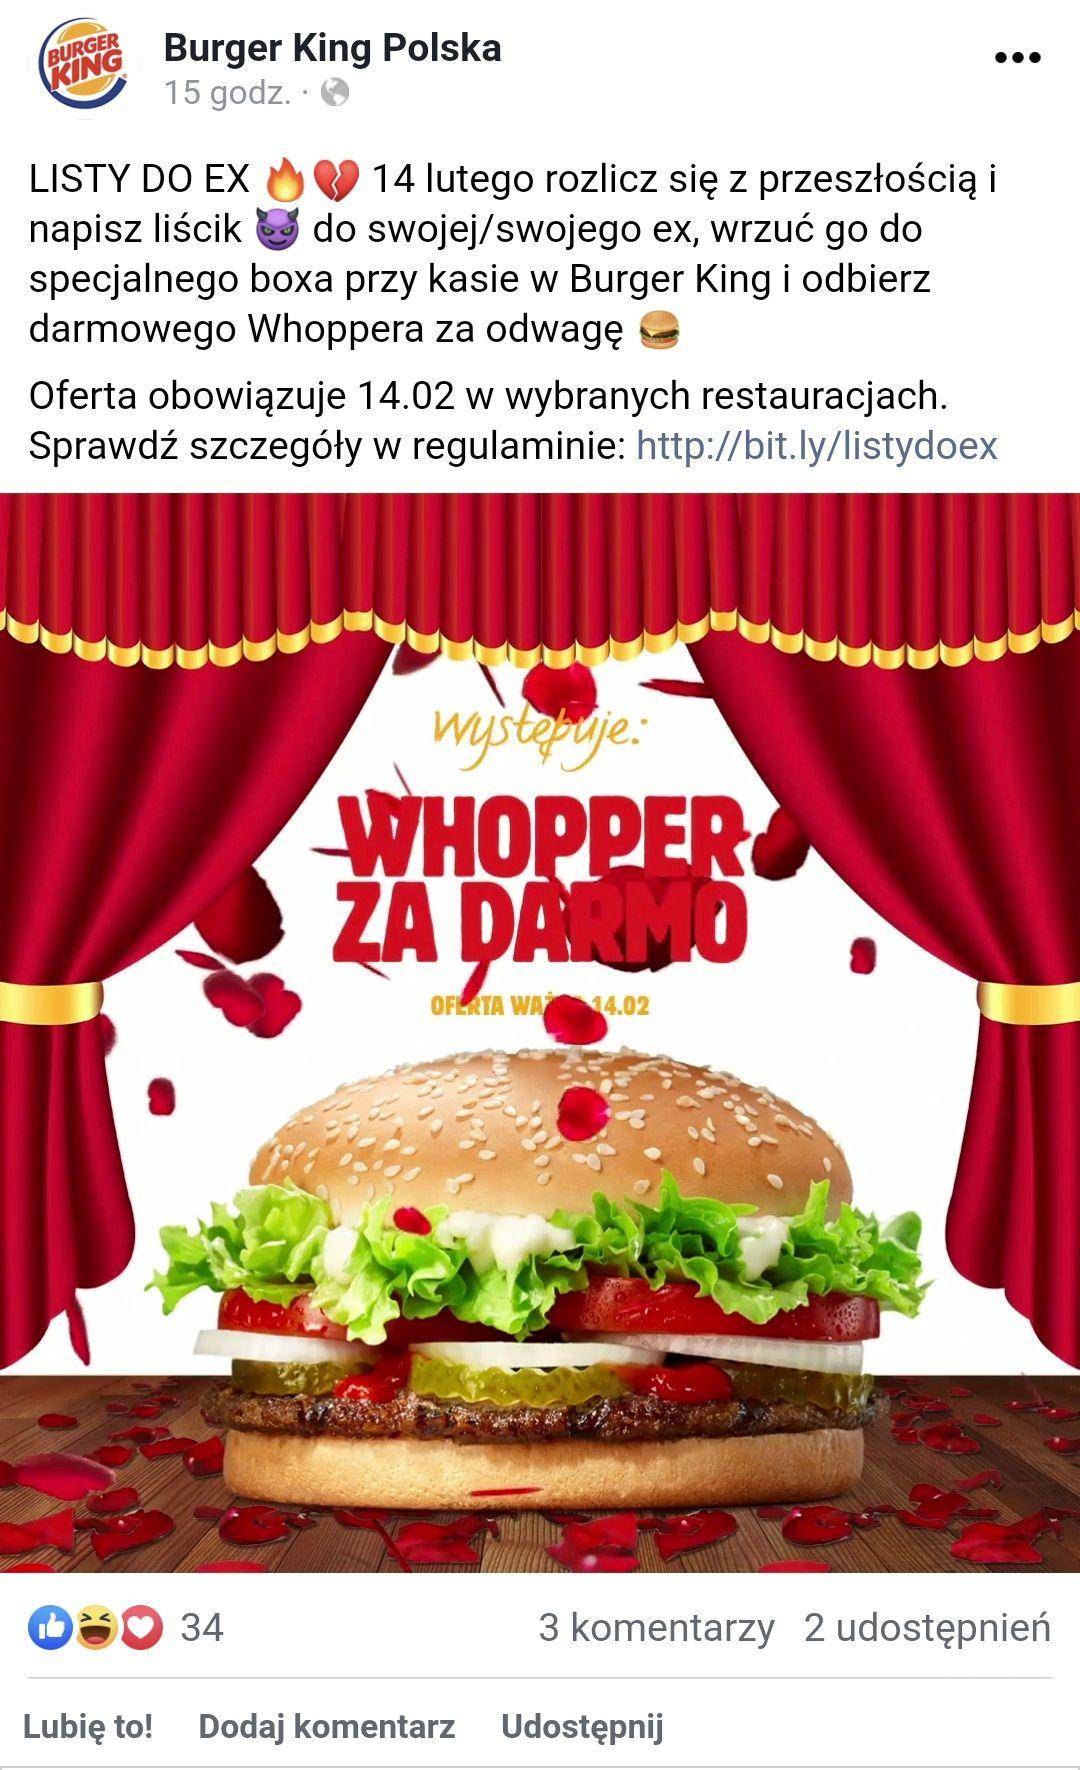 Darmowy Whopper w wybranych restauracjach Burger King